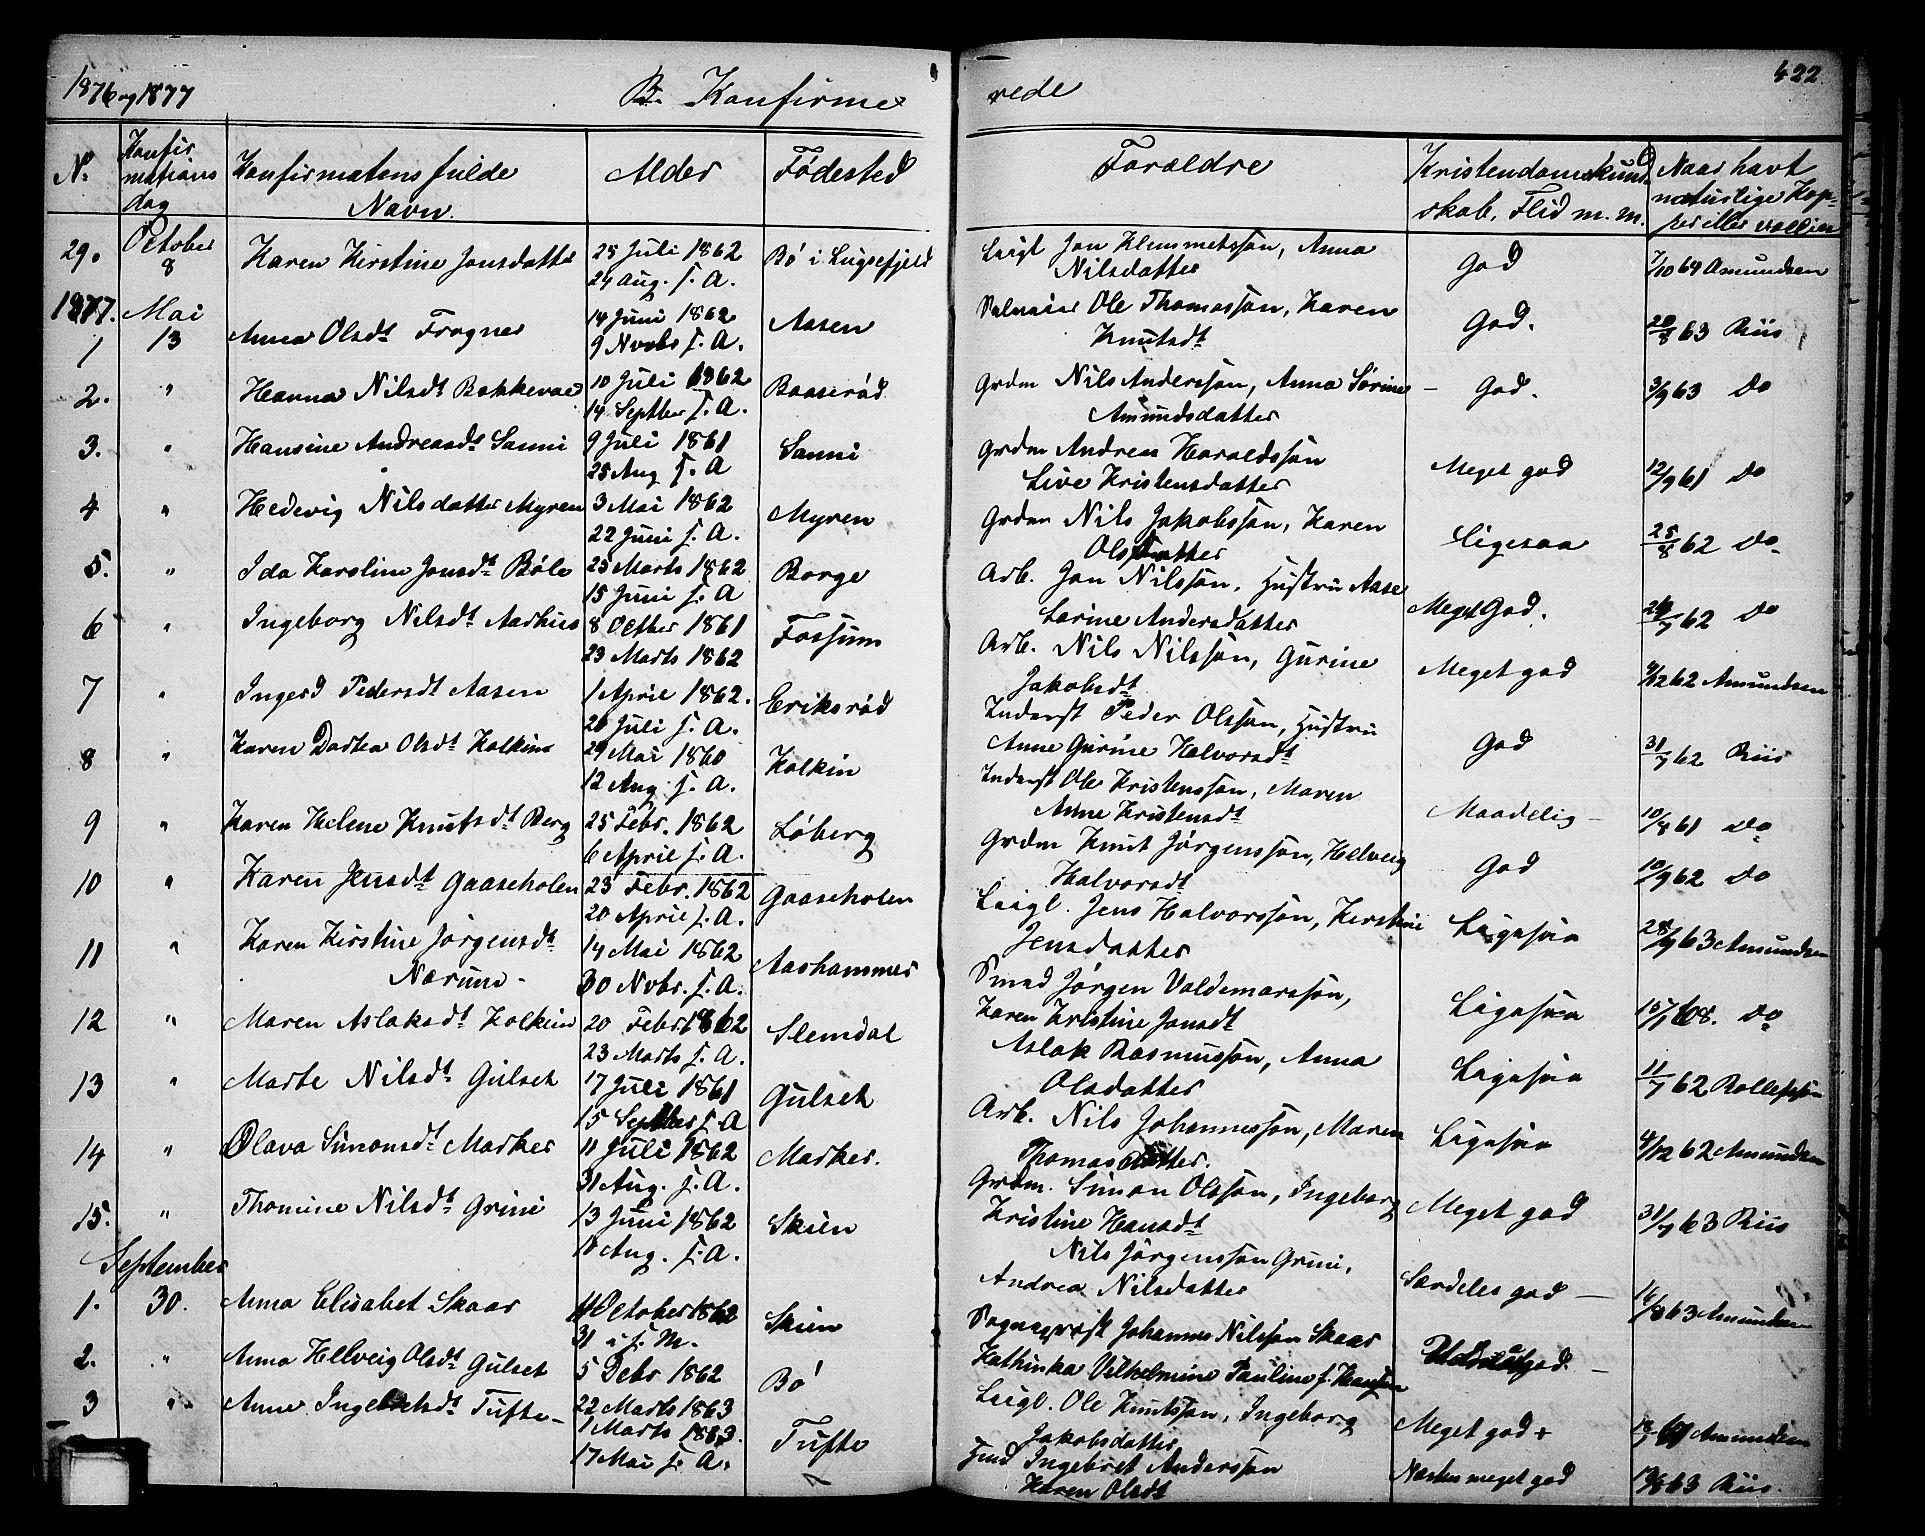 SAKO, Gjerpen kirkebøker, G/Ga/L0001: Klokkerbok nr. I 1, 1864-1882, s. 422